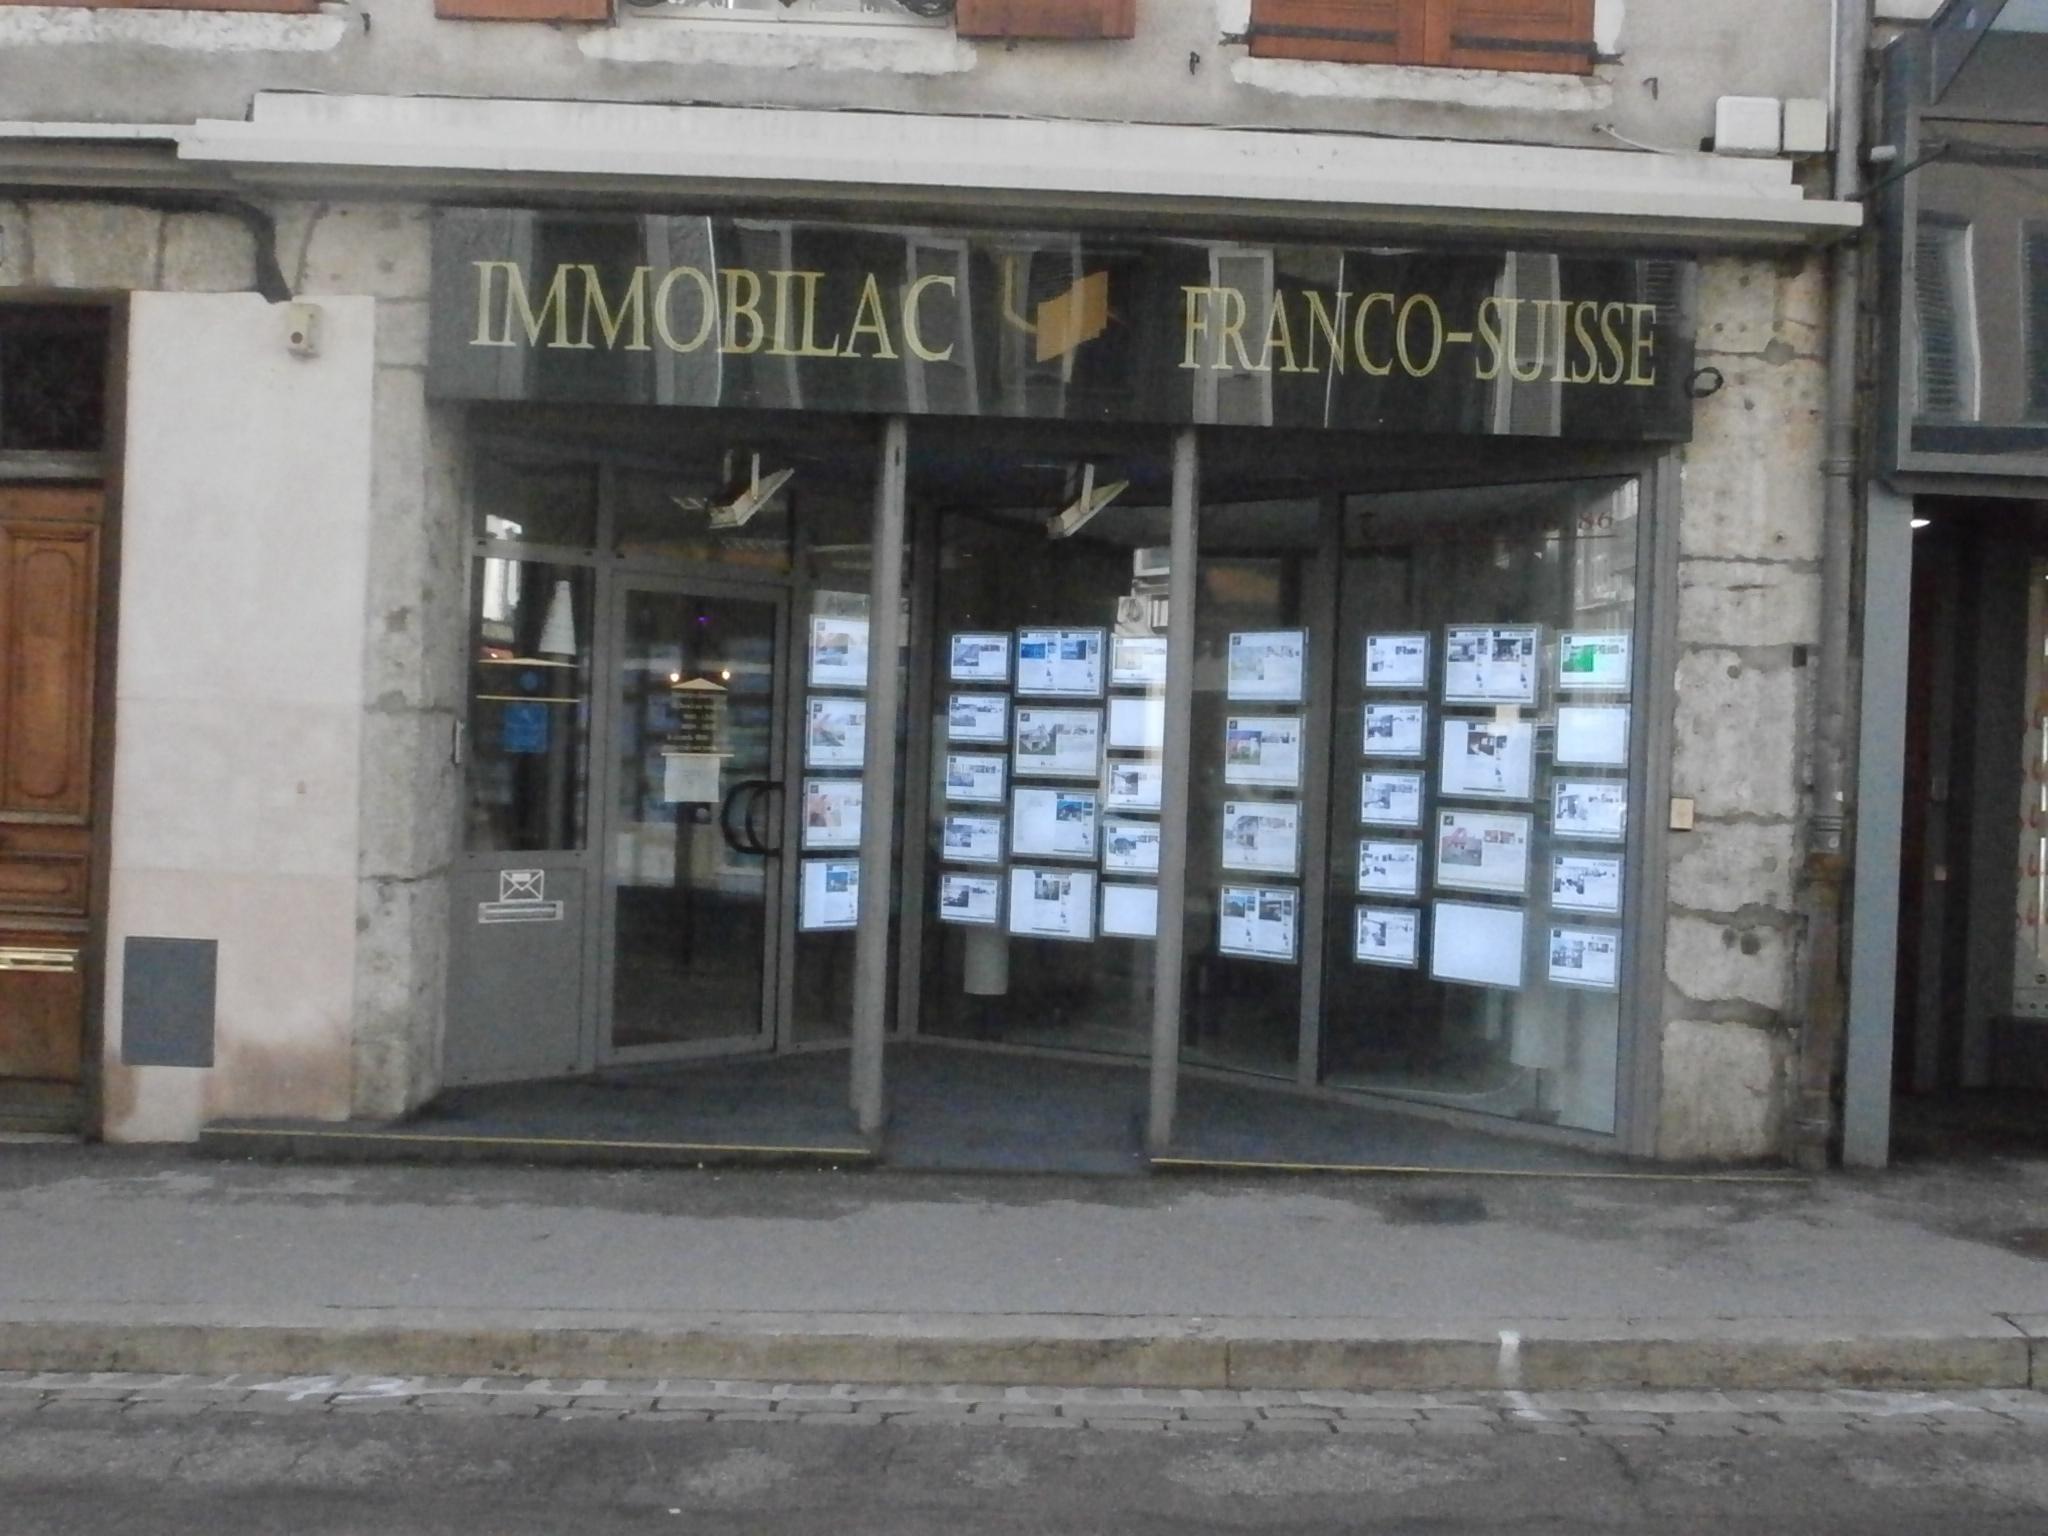 IMMOBILAC FRANCO-SUISSE